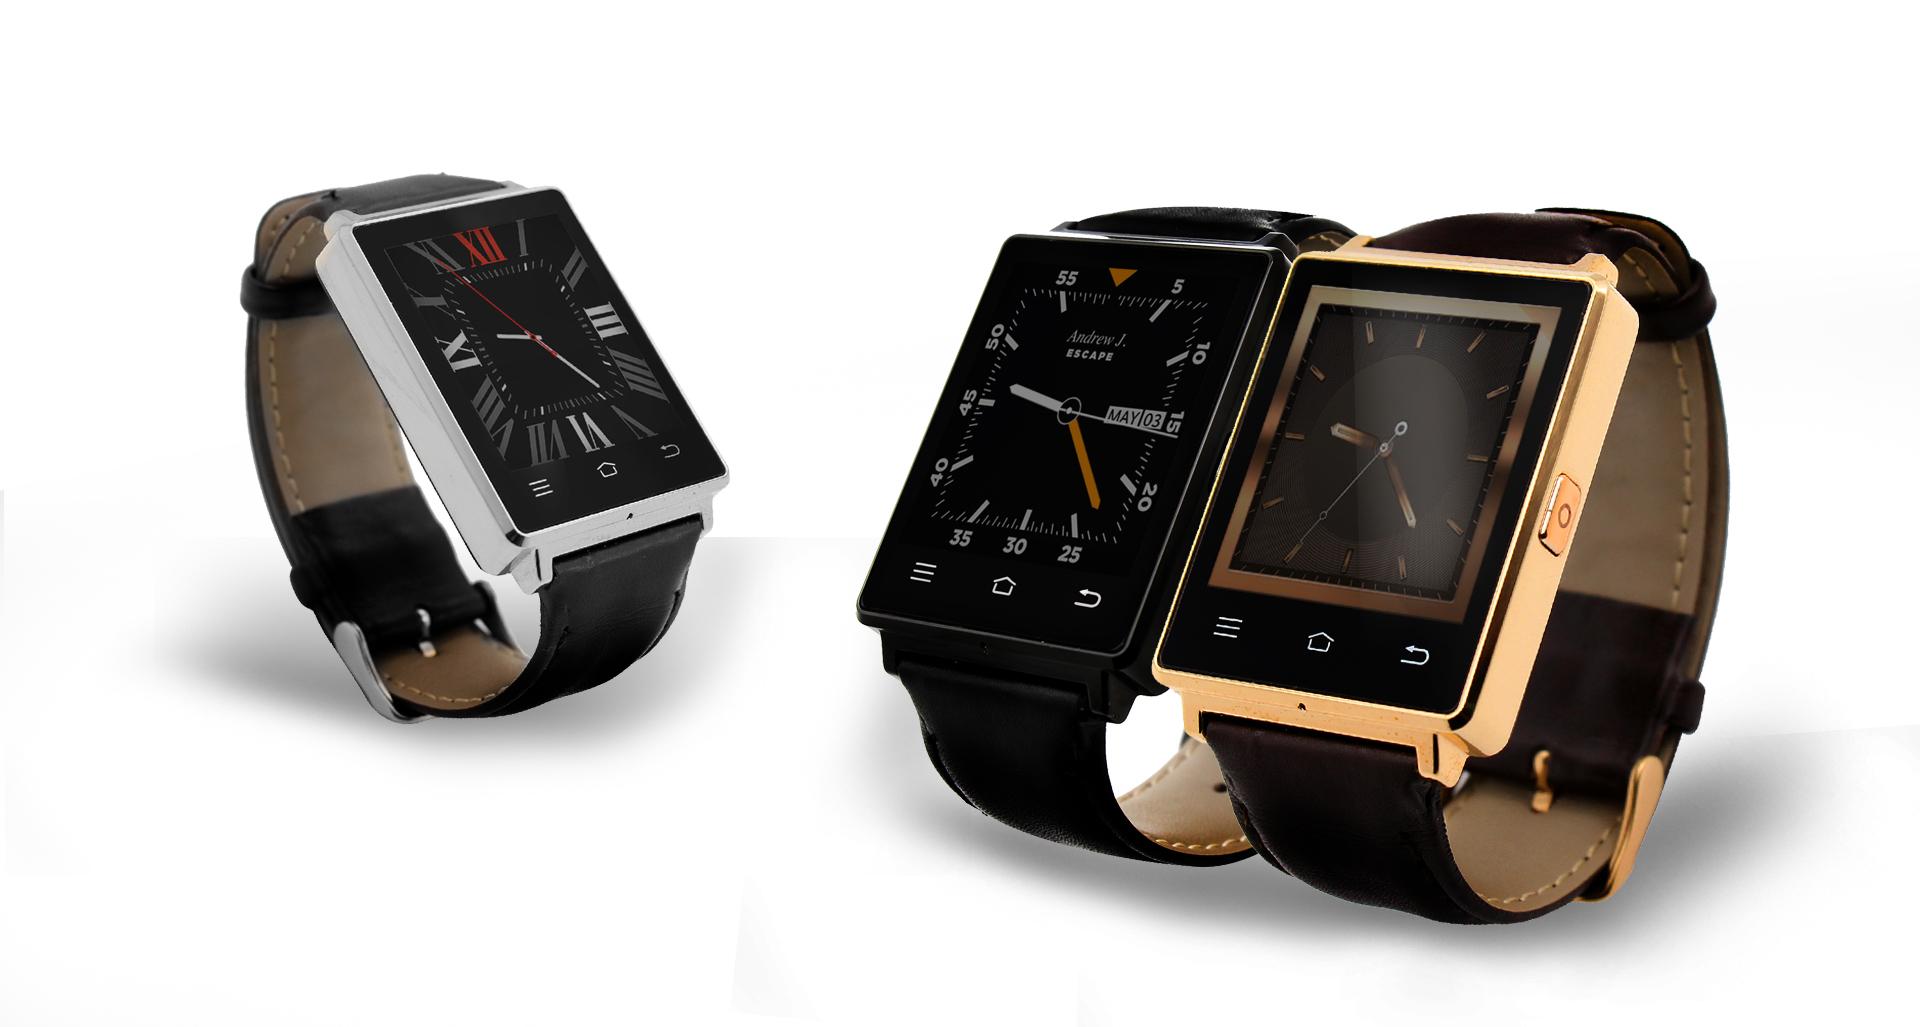 Chytré hodinky NO. 1 D6 – k dokonalosti chybí koženému elegánovi pár věcí [uživatelská recenze]